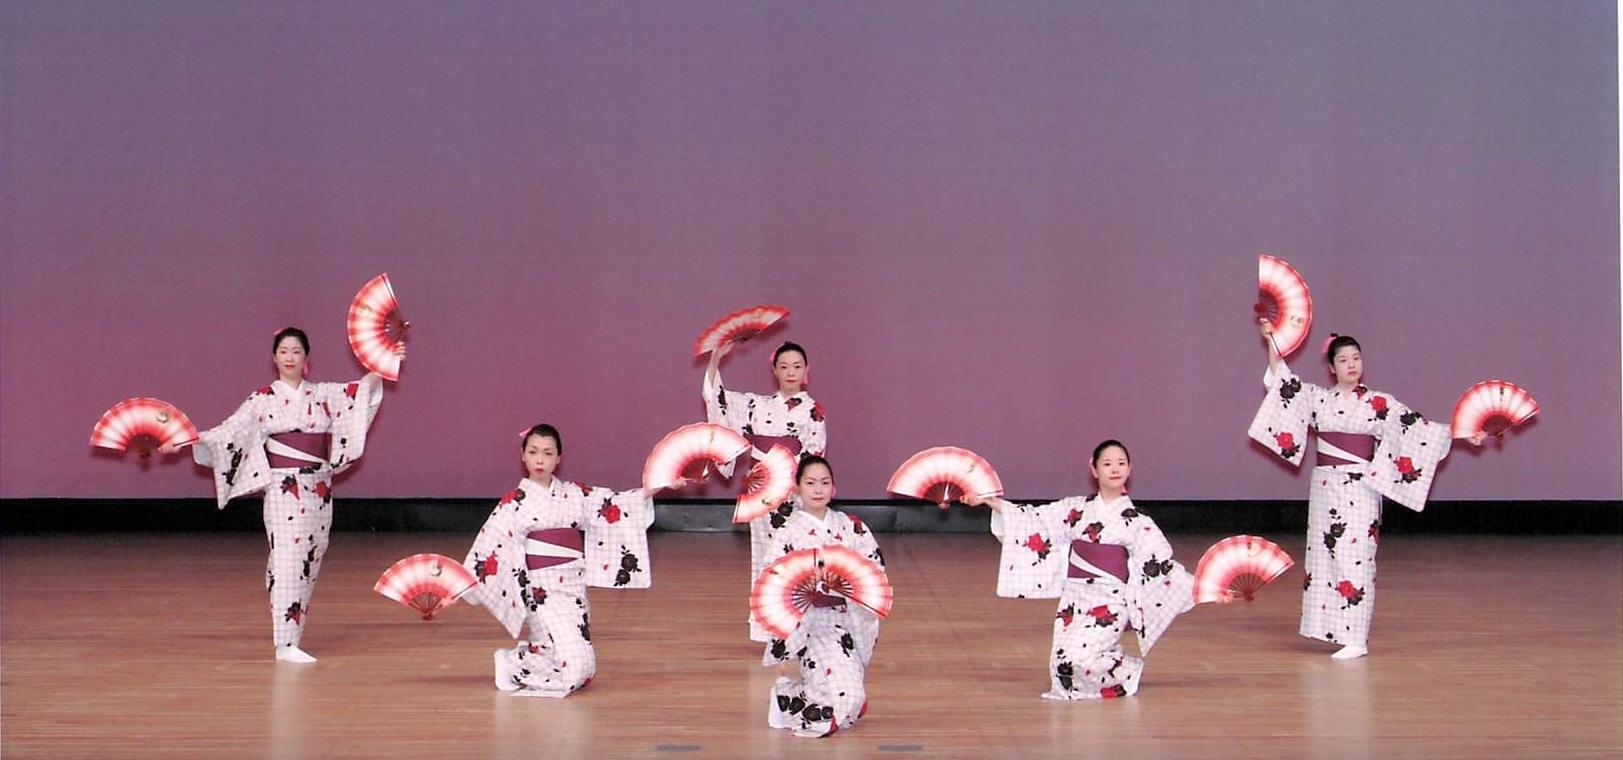 伝統の日本舞踊とロックやポップスが融合!